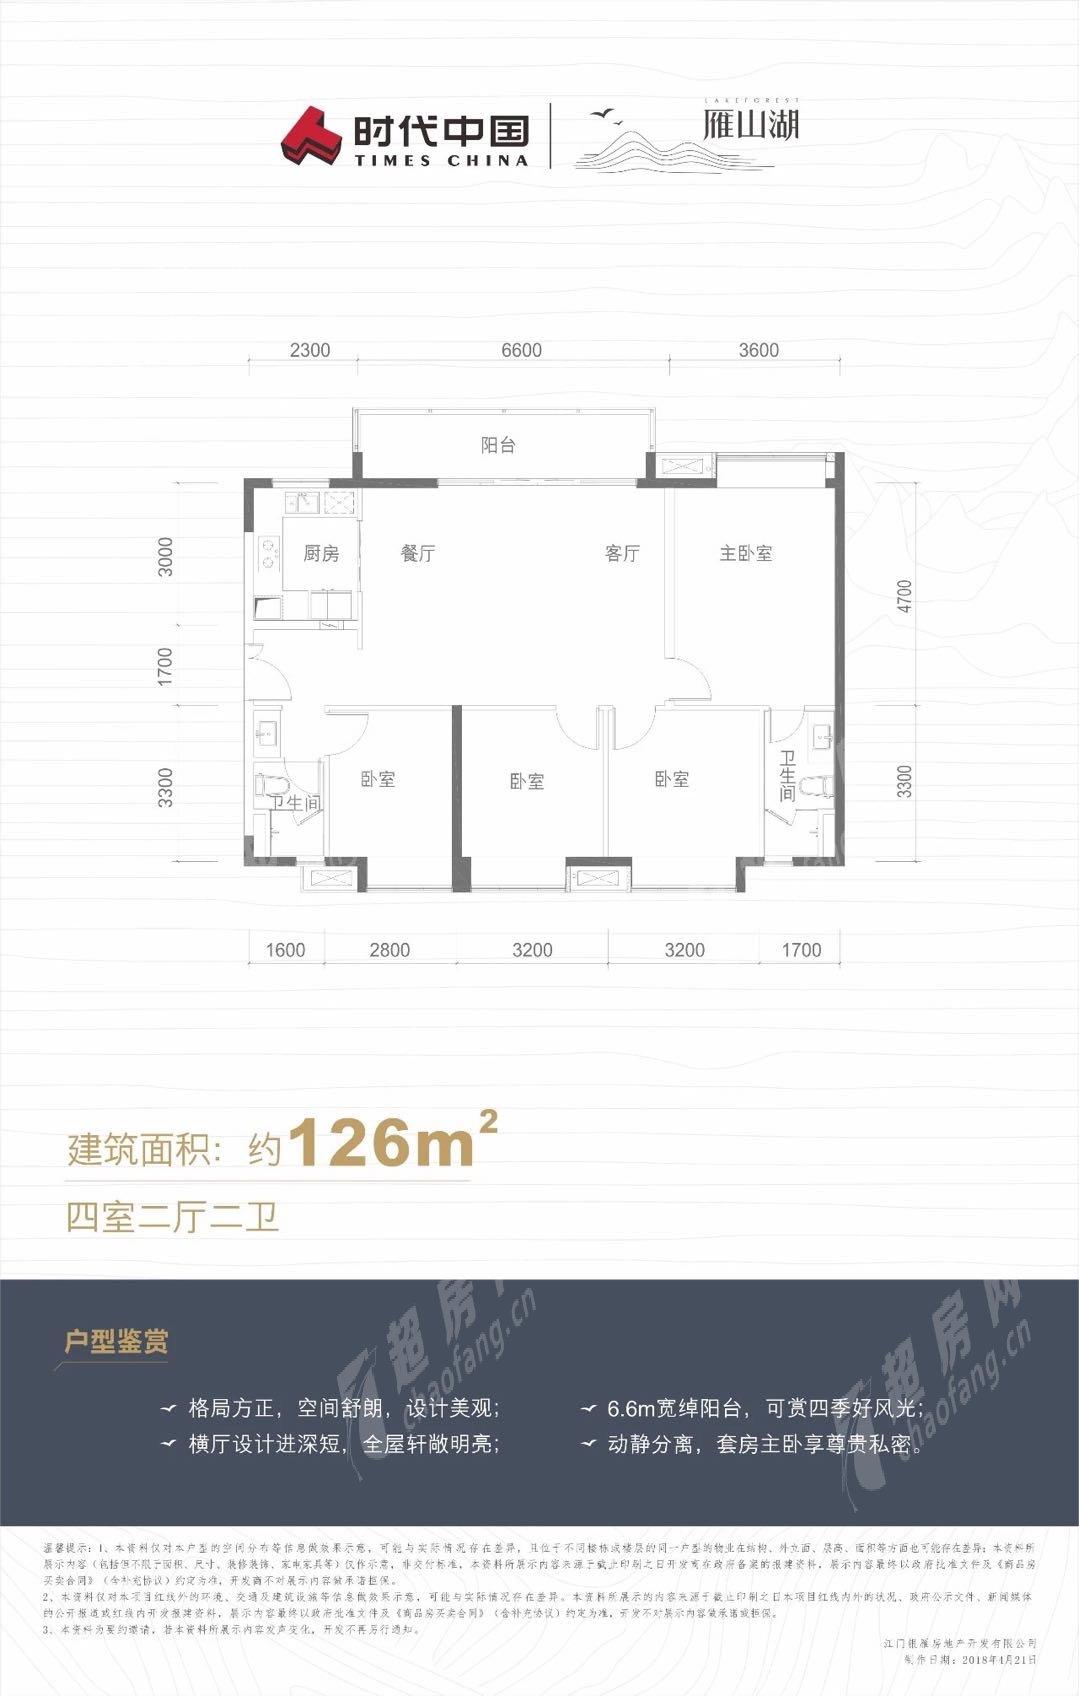 鶴山時代雁山湖(新房)新房126方戶型 4室2廳2衛戶型圖